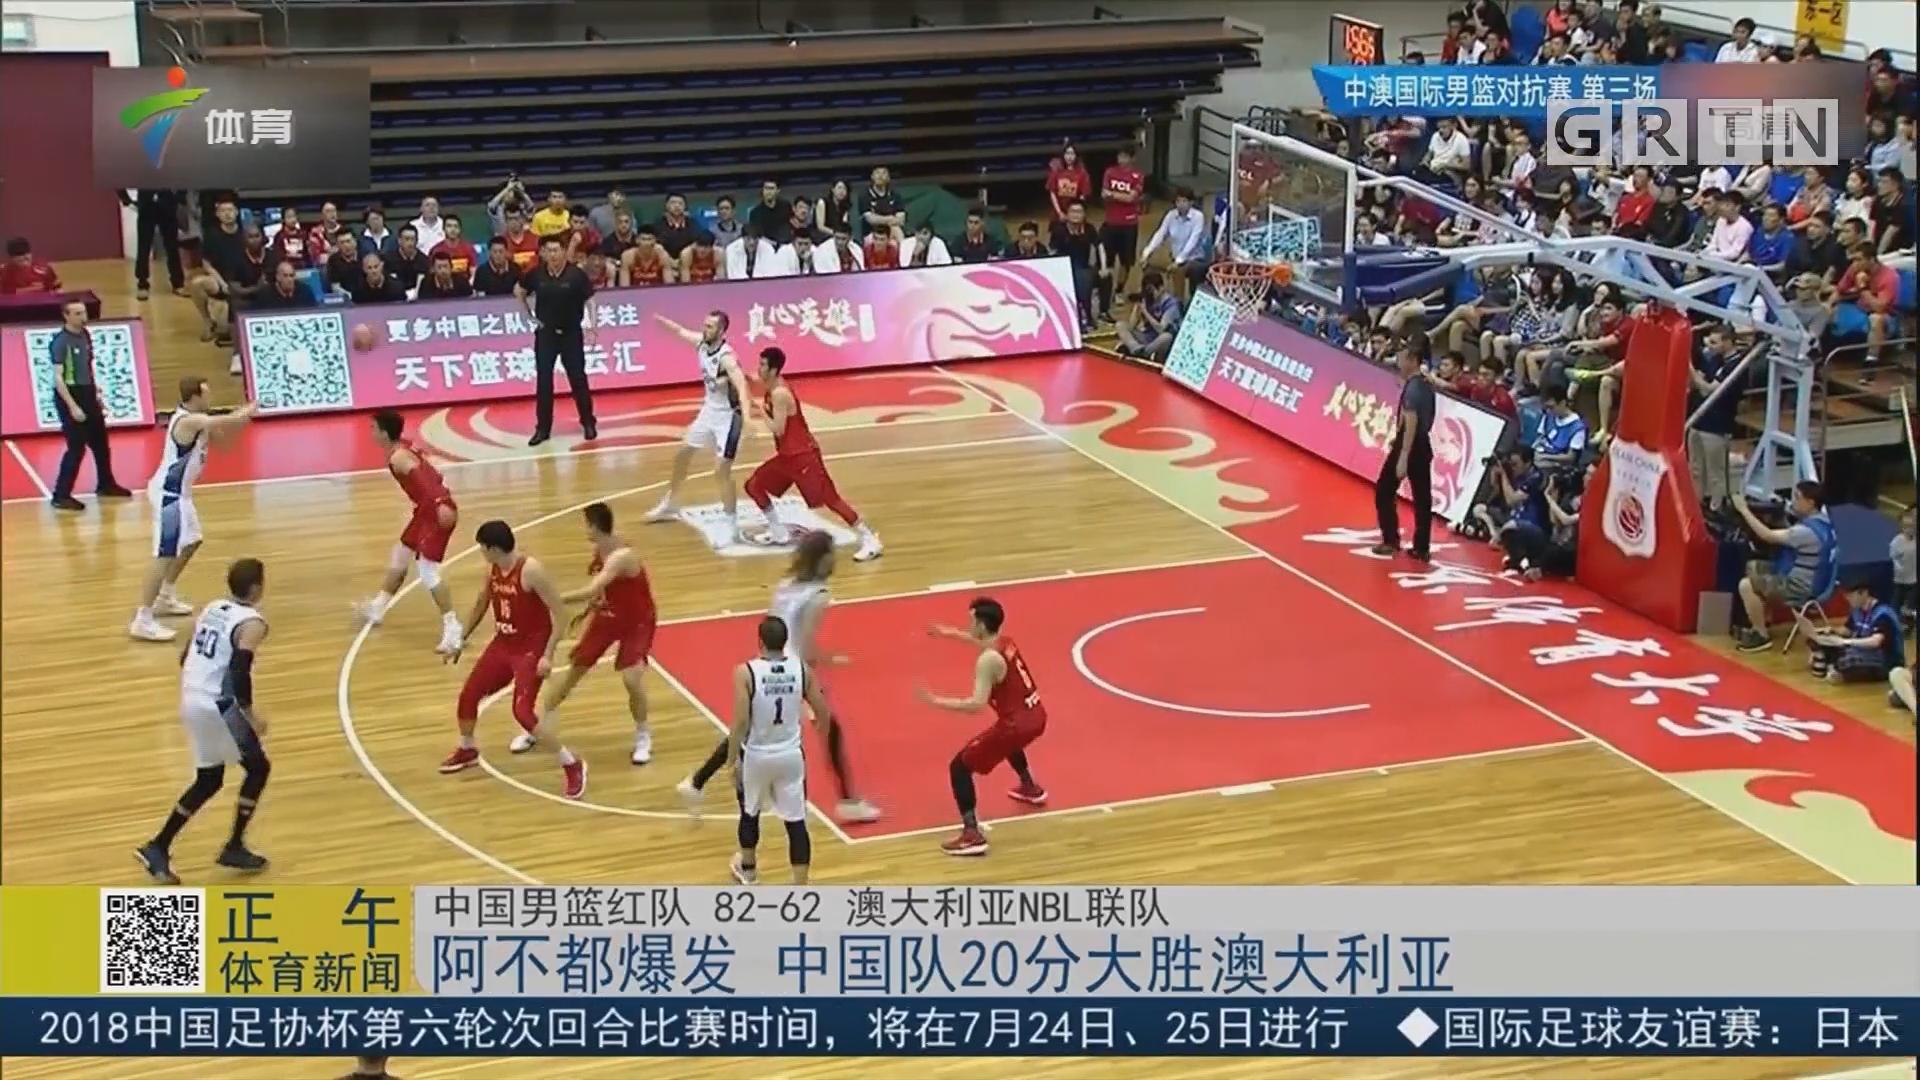 阿不都爆发 中国队20分大胜澳大利亚